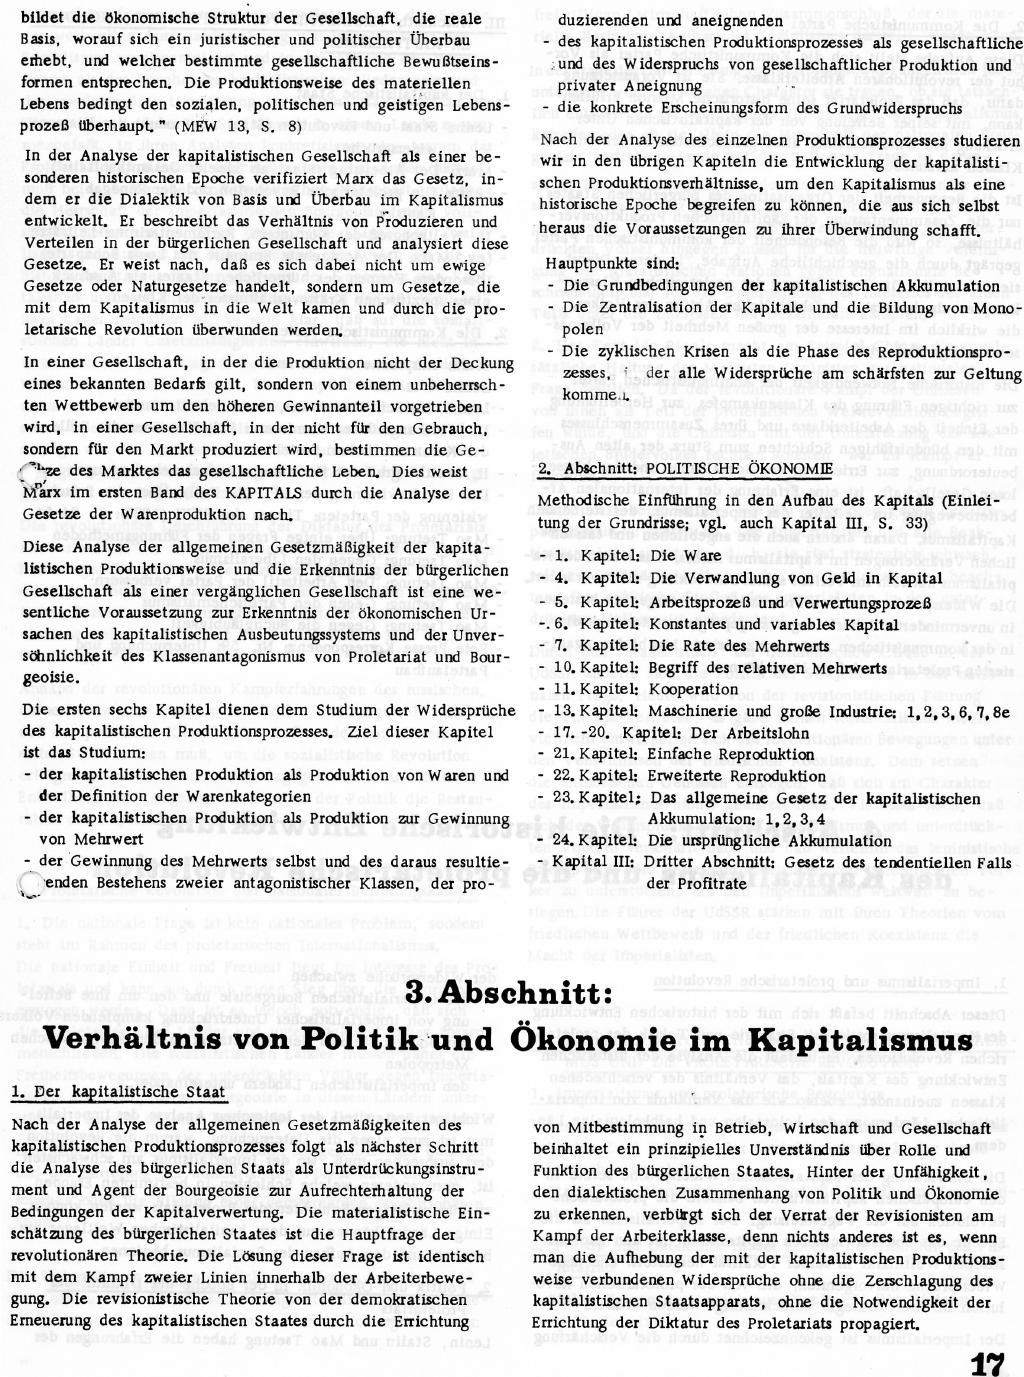 RPK_1971_128_129_17